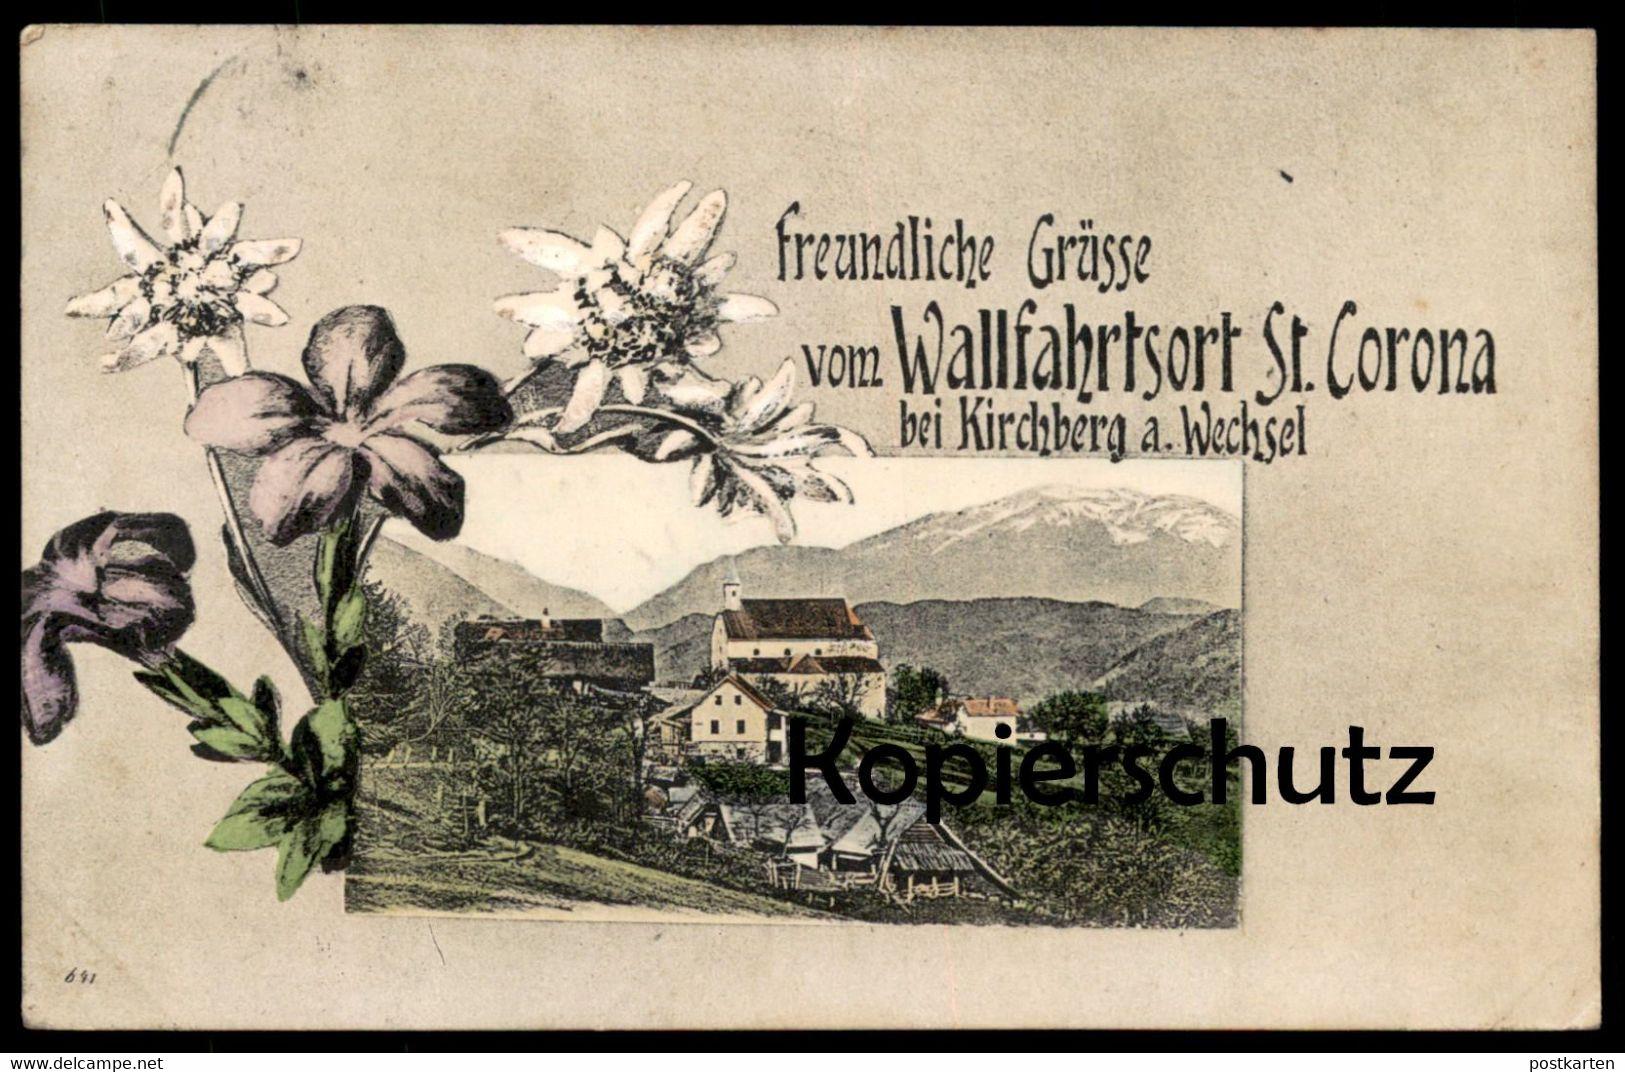 ALTE POSTKARTE FREUNDLICHE GRÜSSE VOM WALLFAHRTSORT ST. CORONA BEI KIRCHBERG WECHSEL Edelweiss Blume Ansichtskarte AK - Neunkirchen